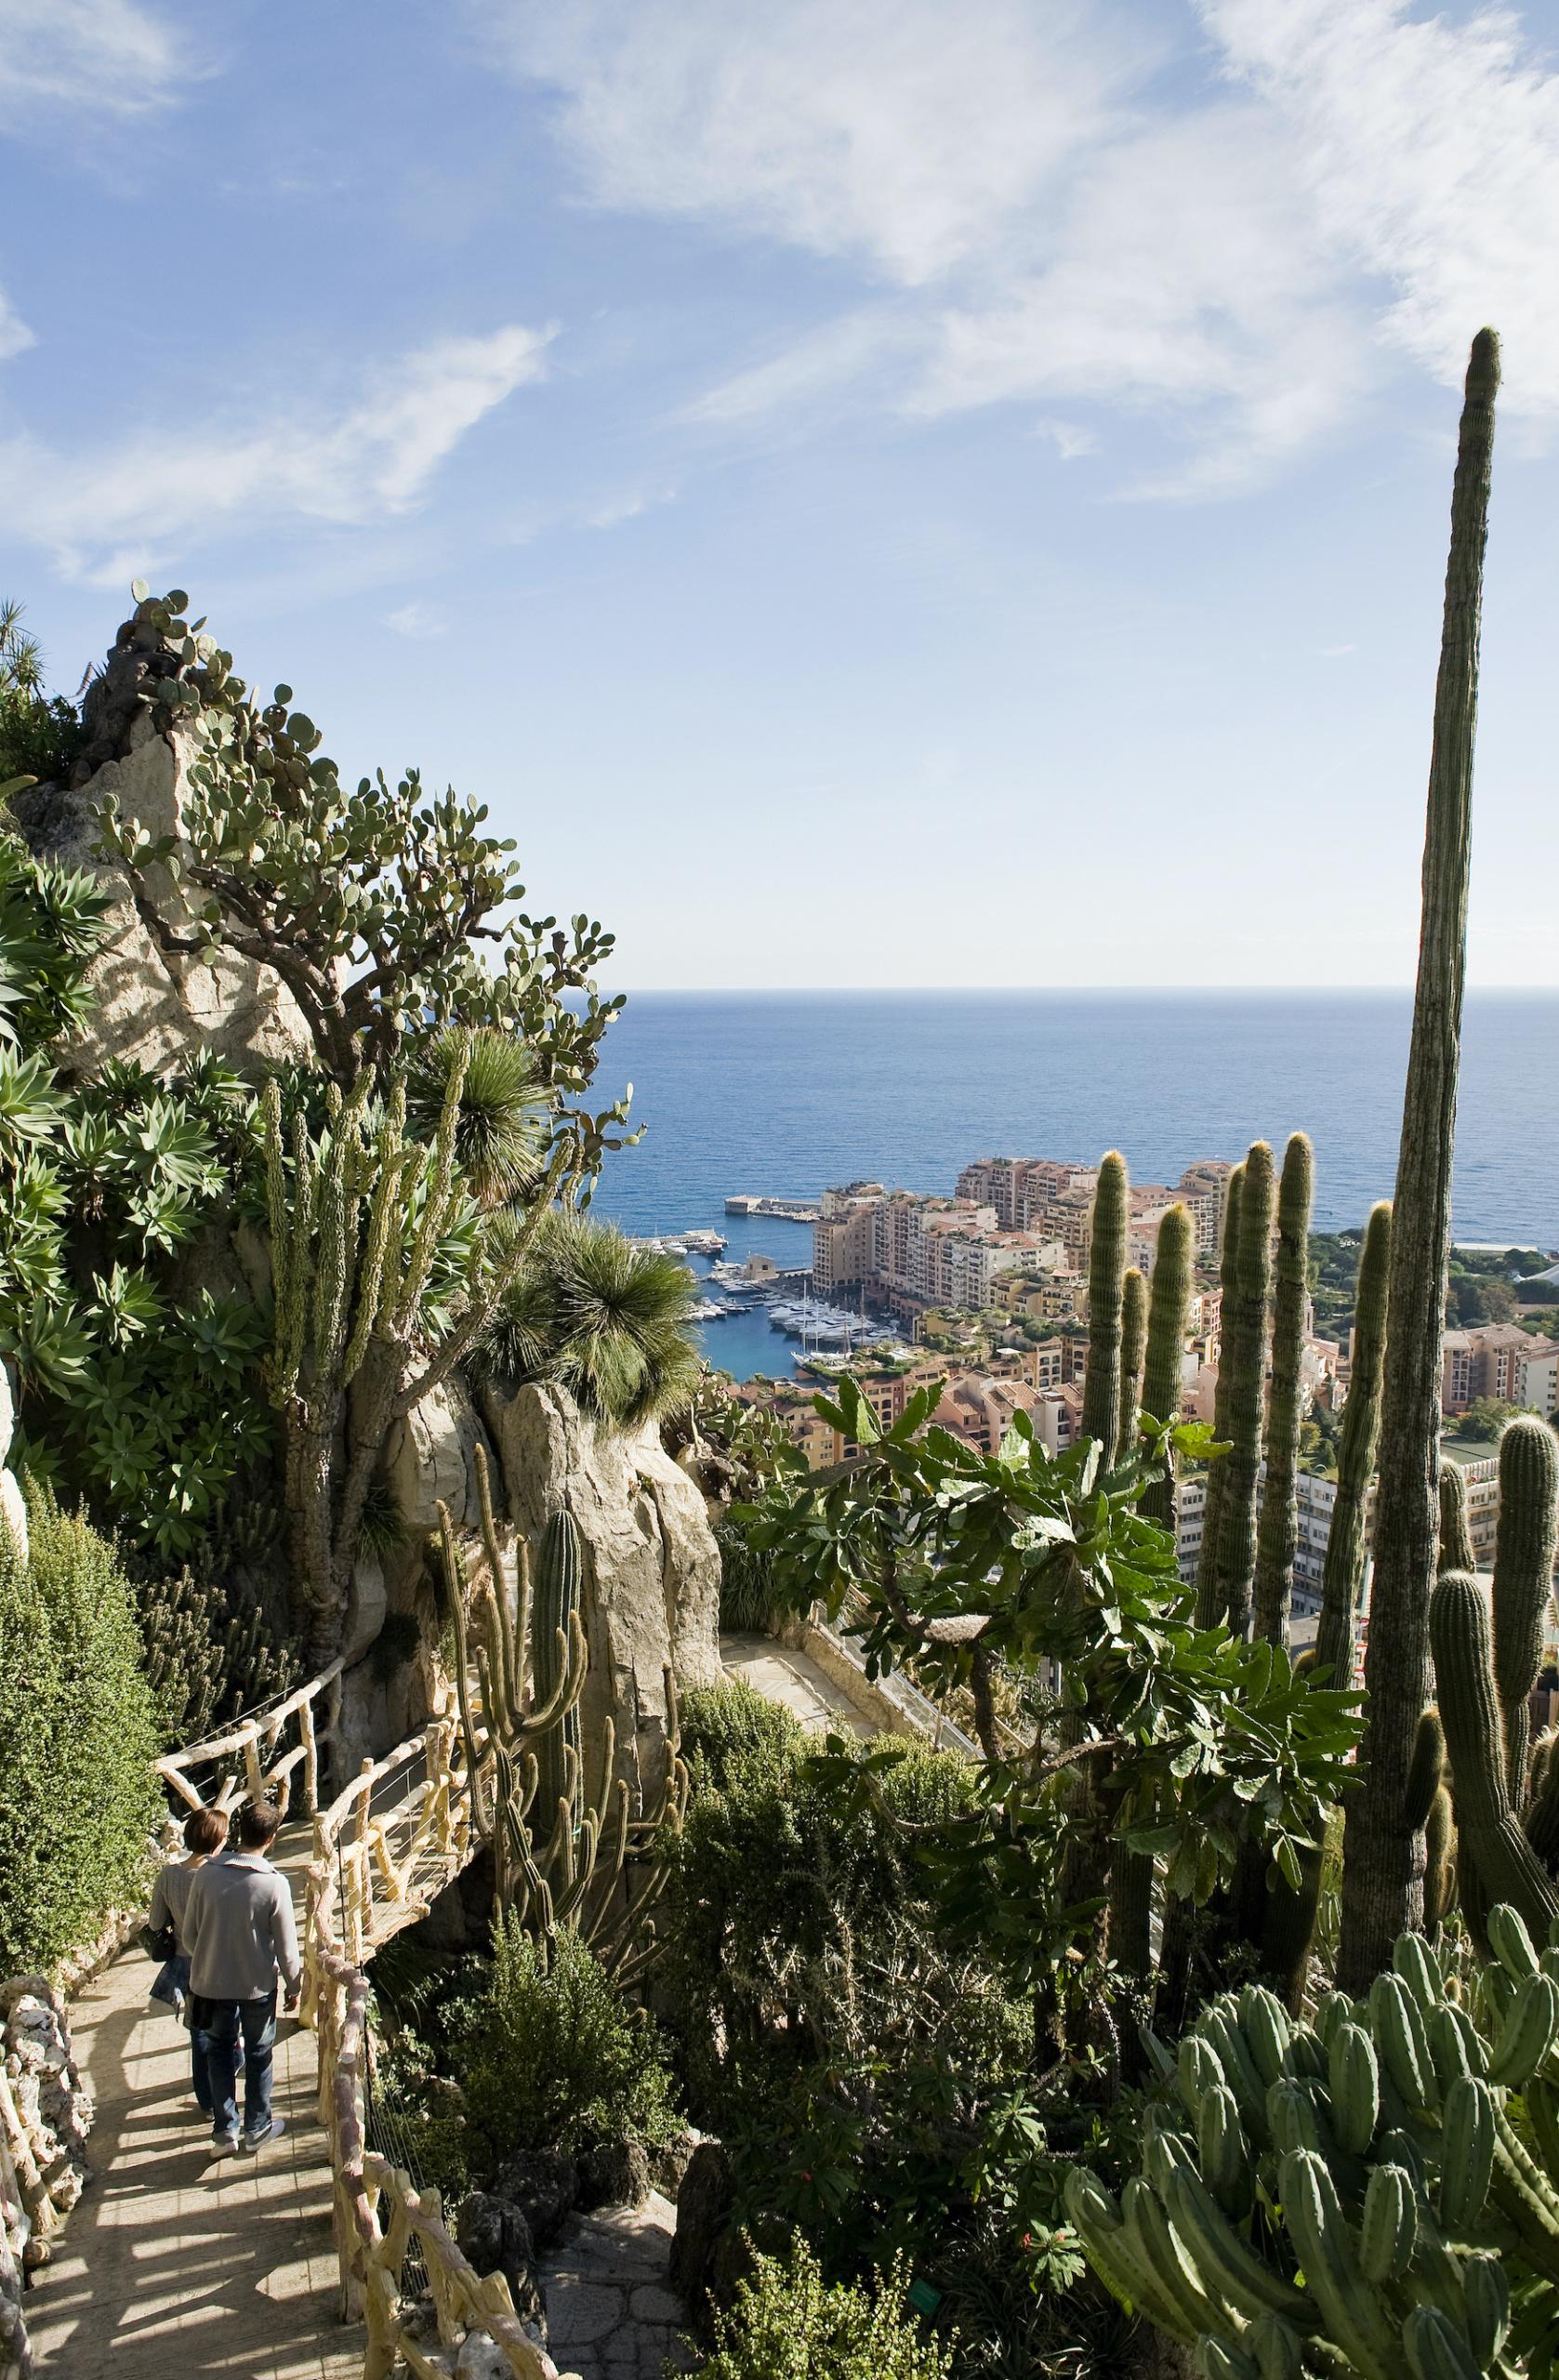 Vom Jardin Exotique hat man einen wunderbaren Blick auf den Yachthafen und die Altstadt von Monaco